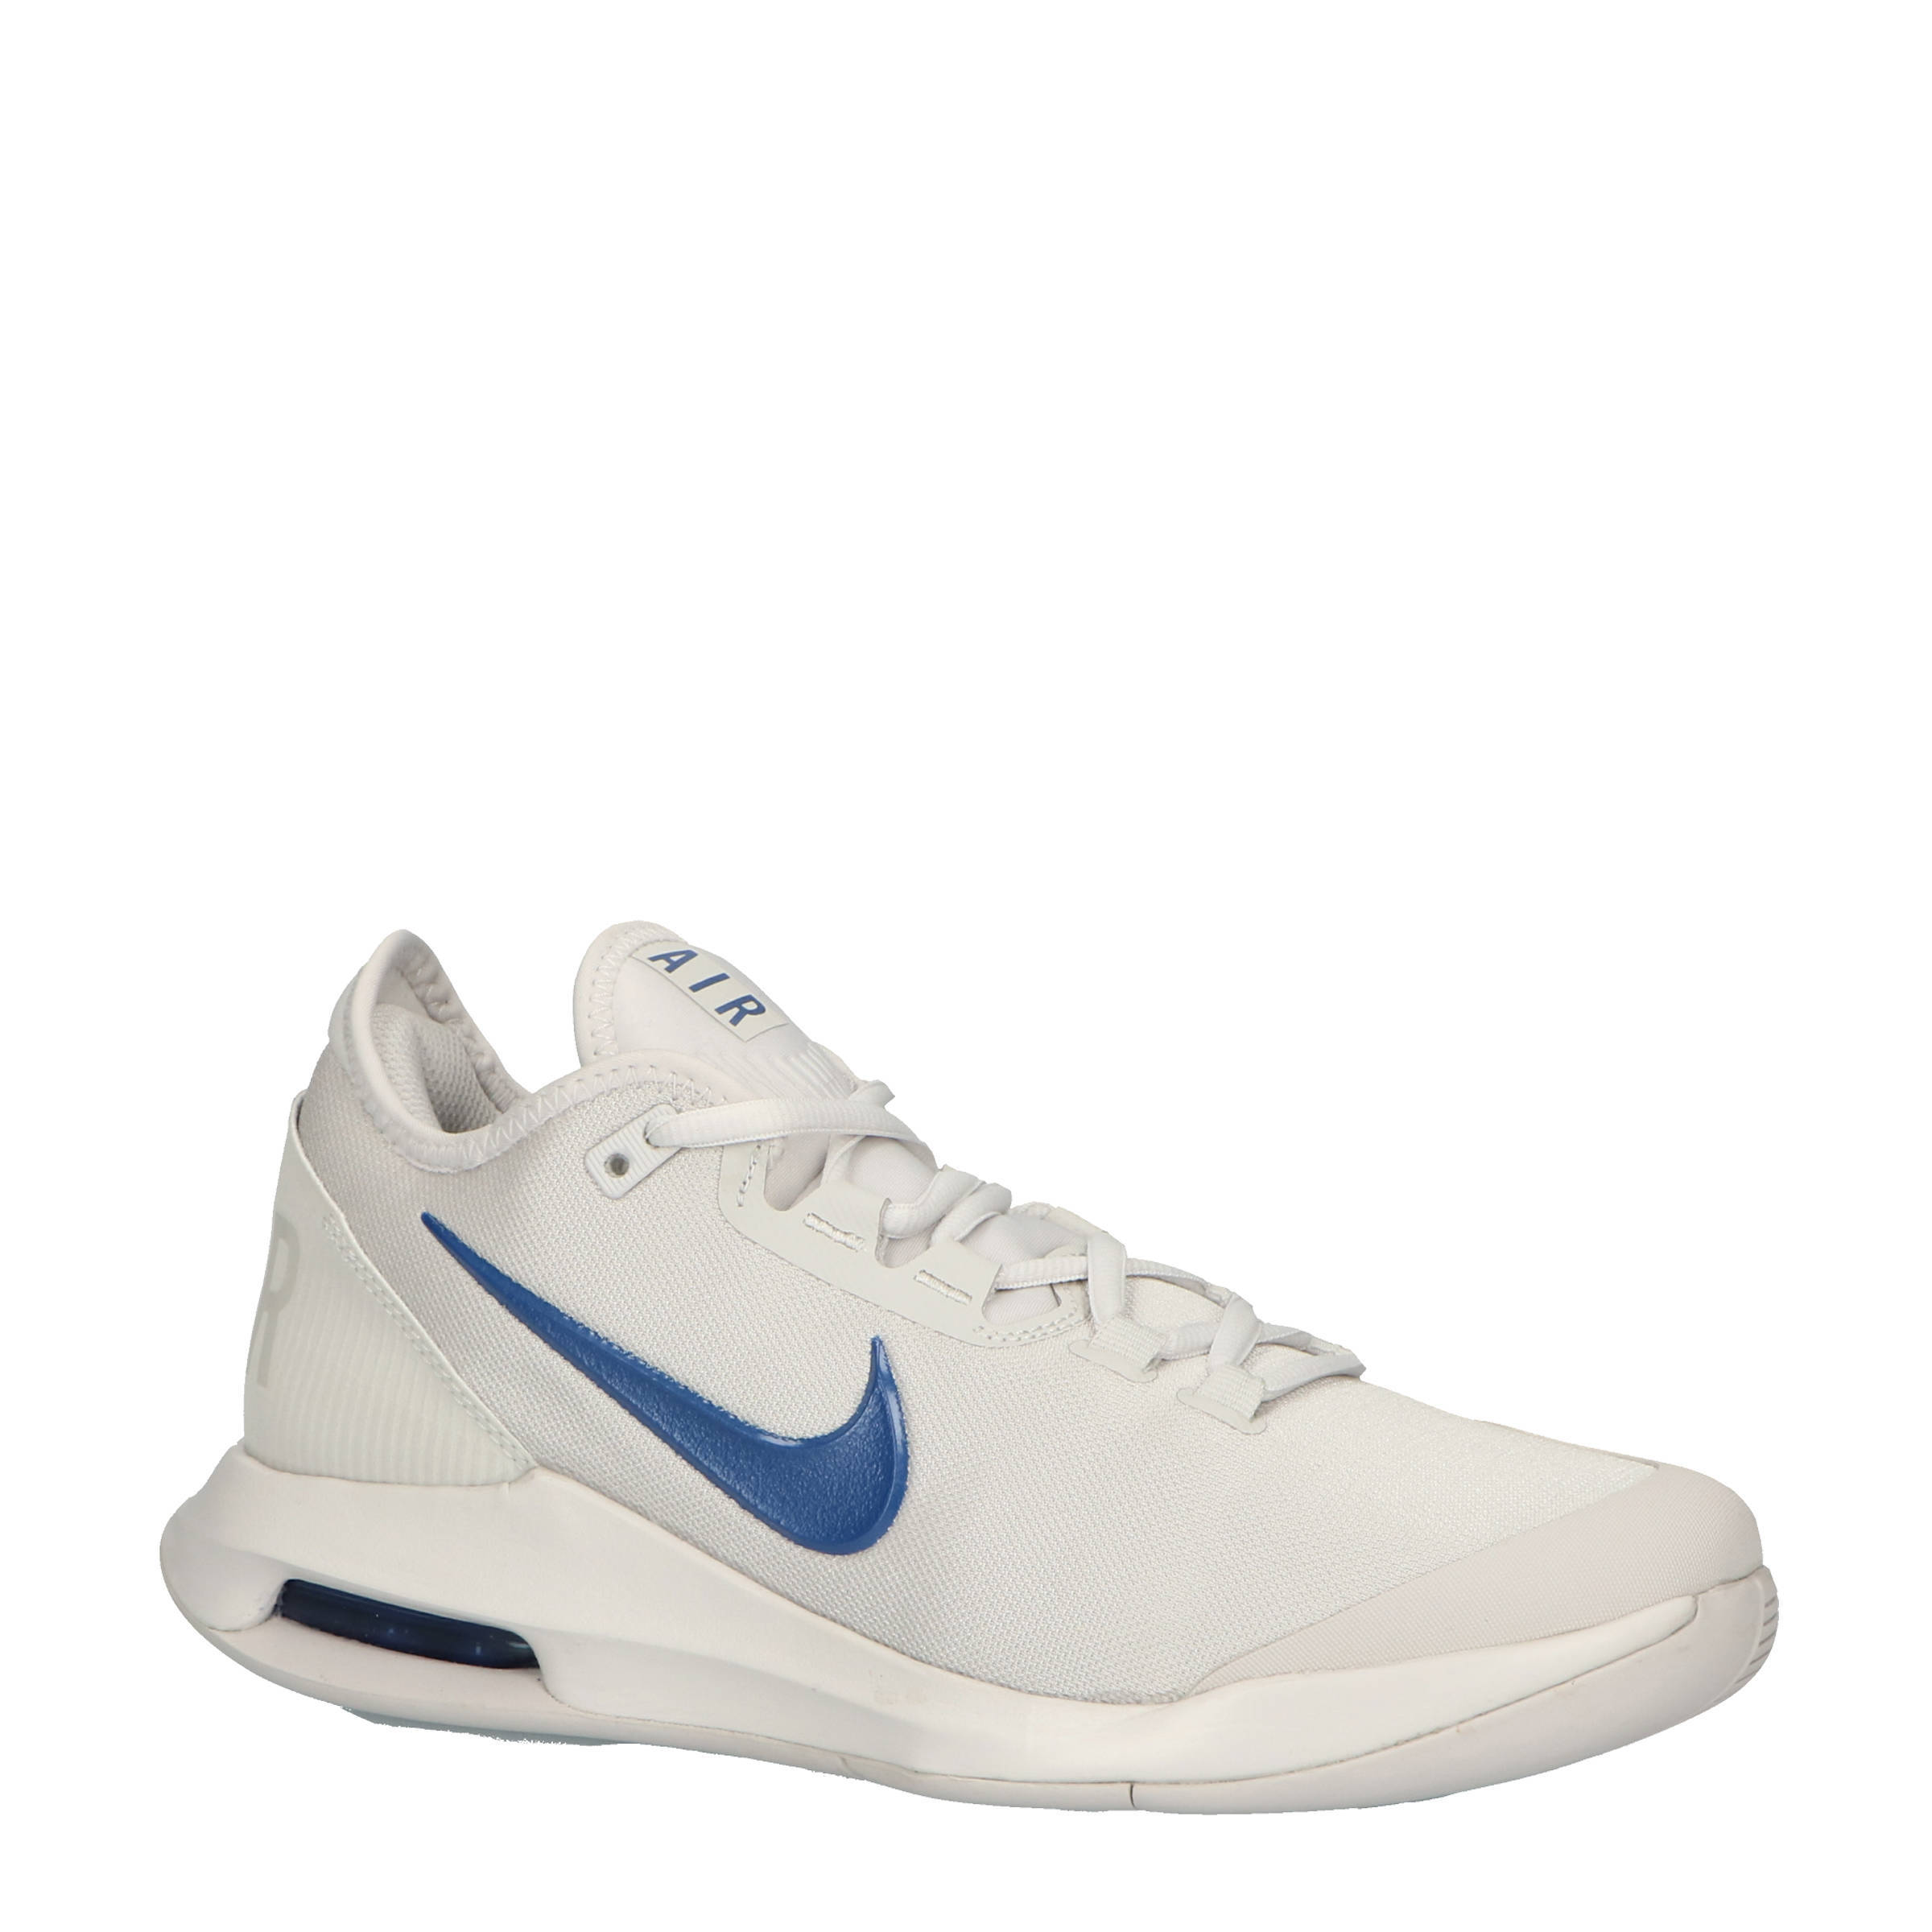 12f7bcfeeec Nike Men bij wehkamp - Gratis bezorging vanaf 20.-